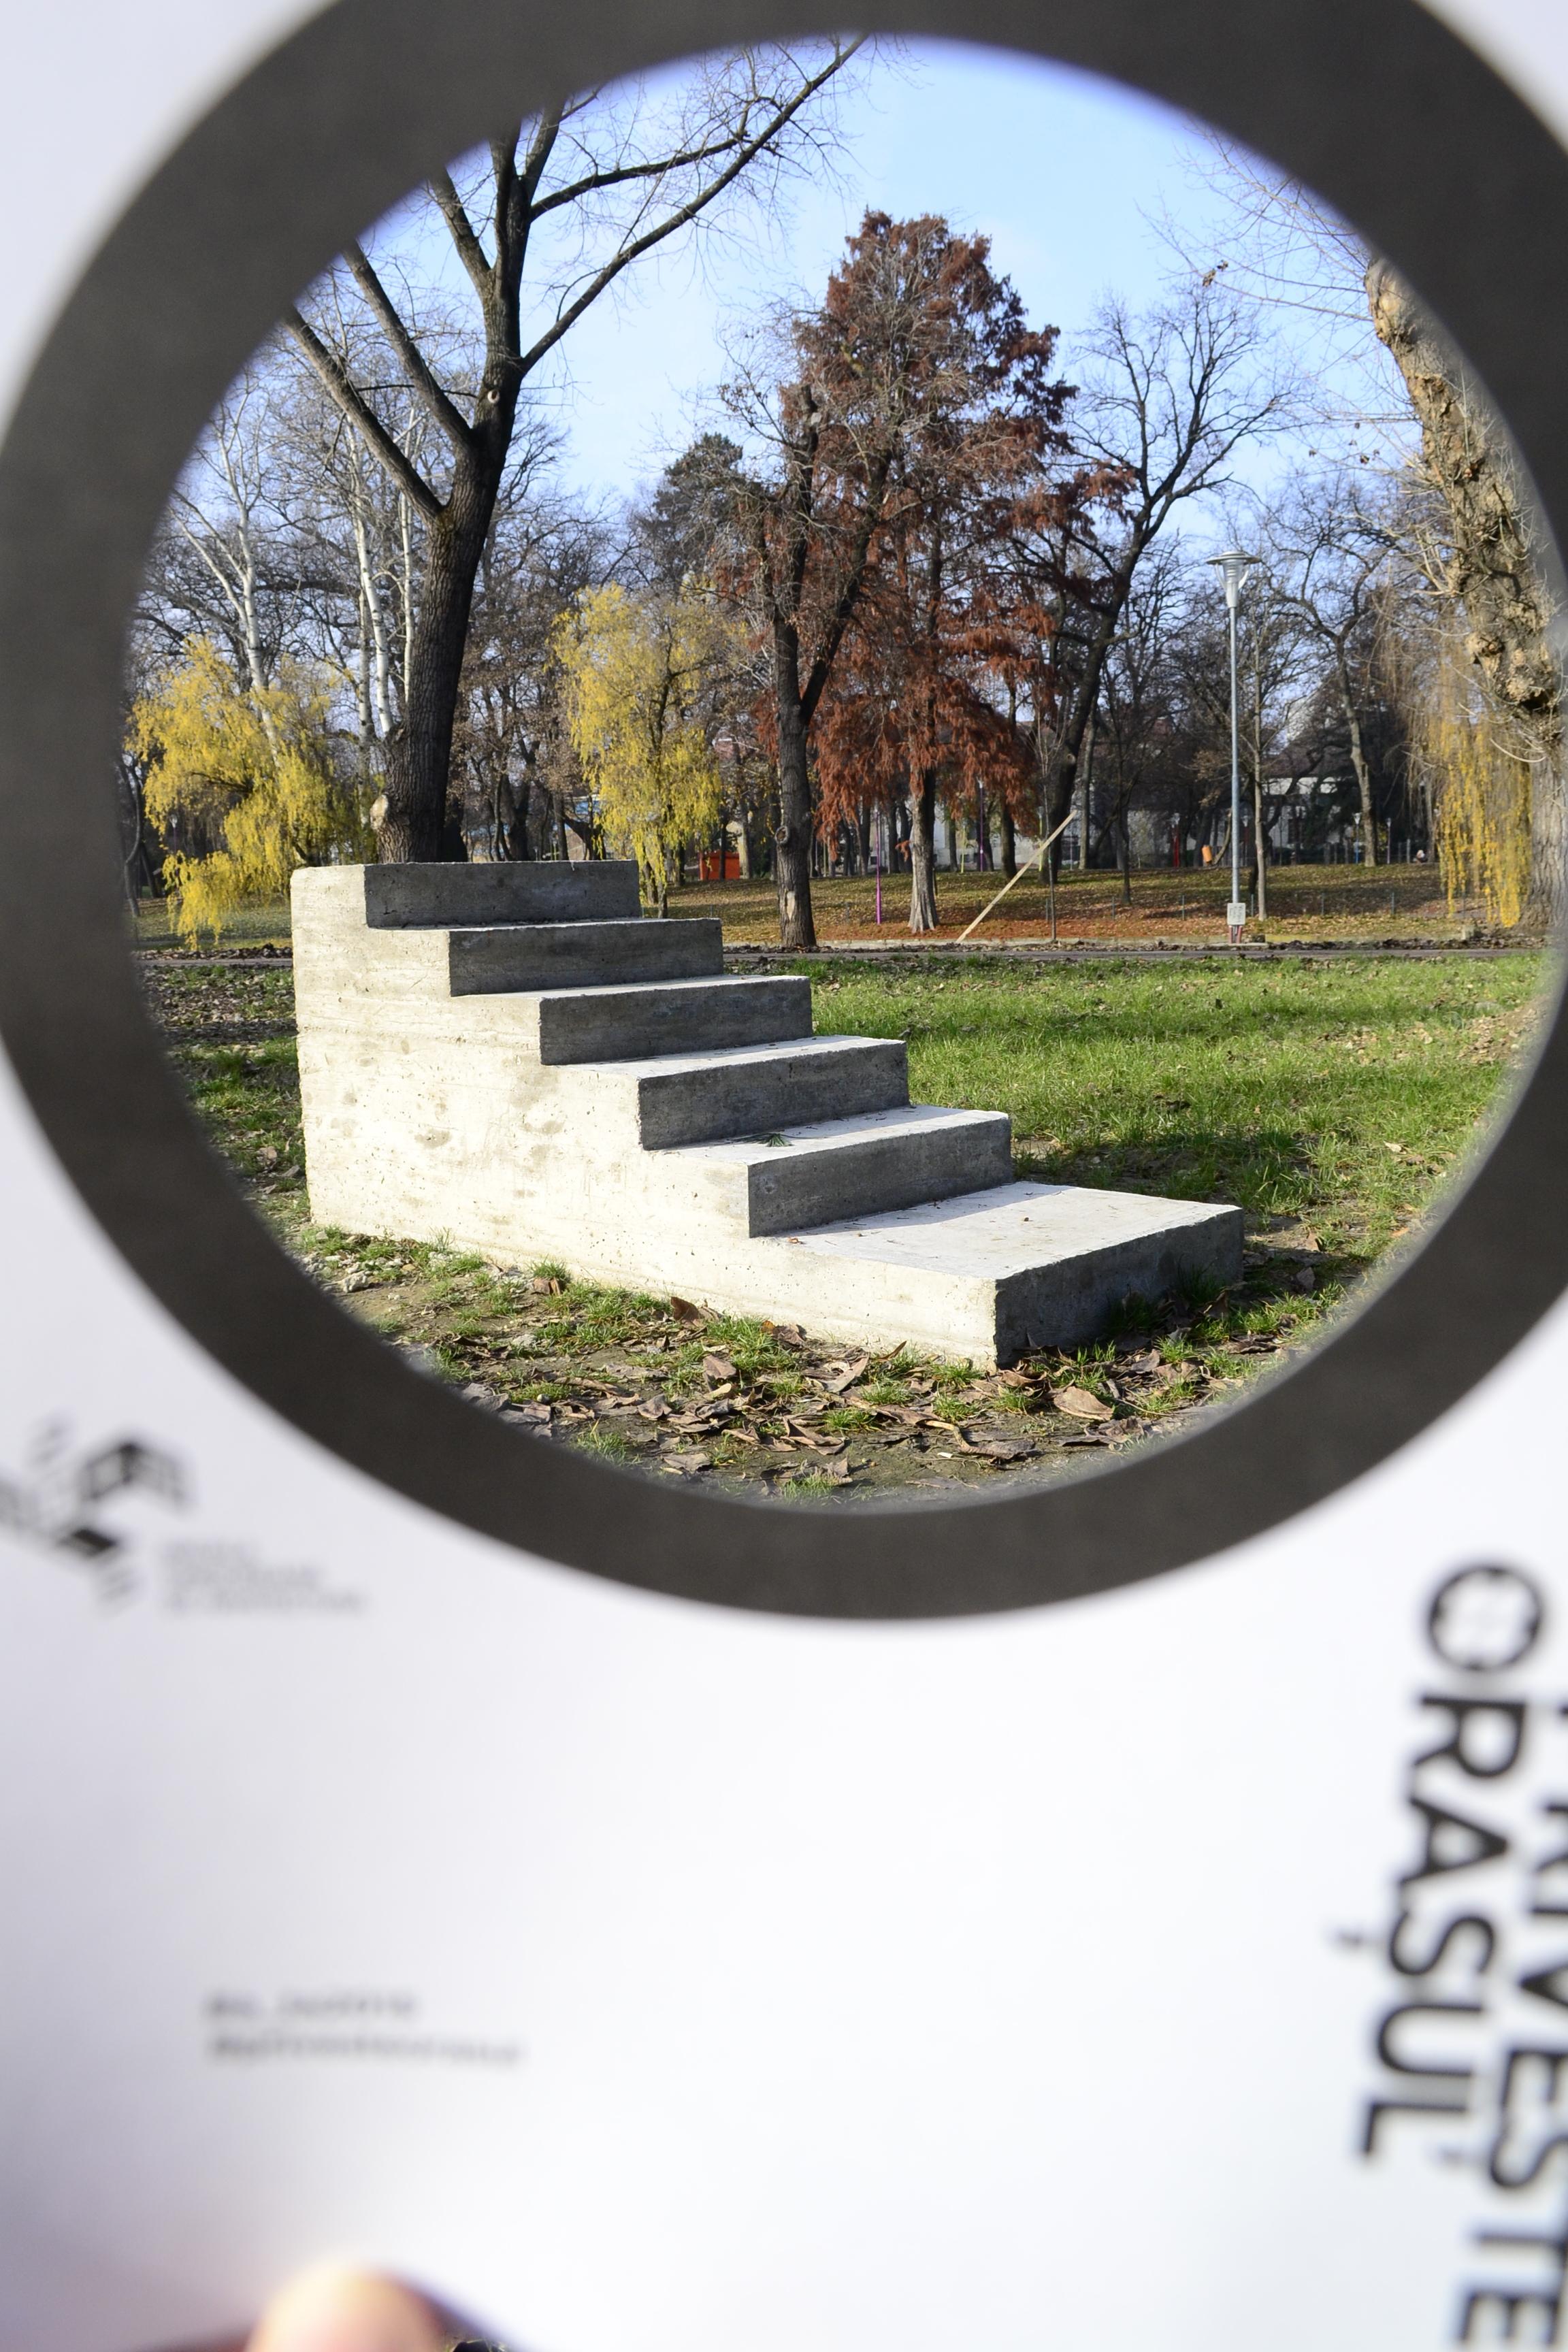 ASP30 / Biró Timea / mesaj: stairway to heaven